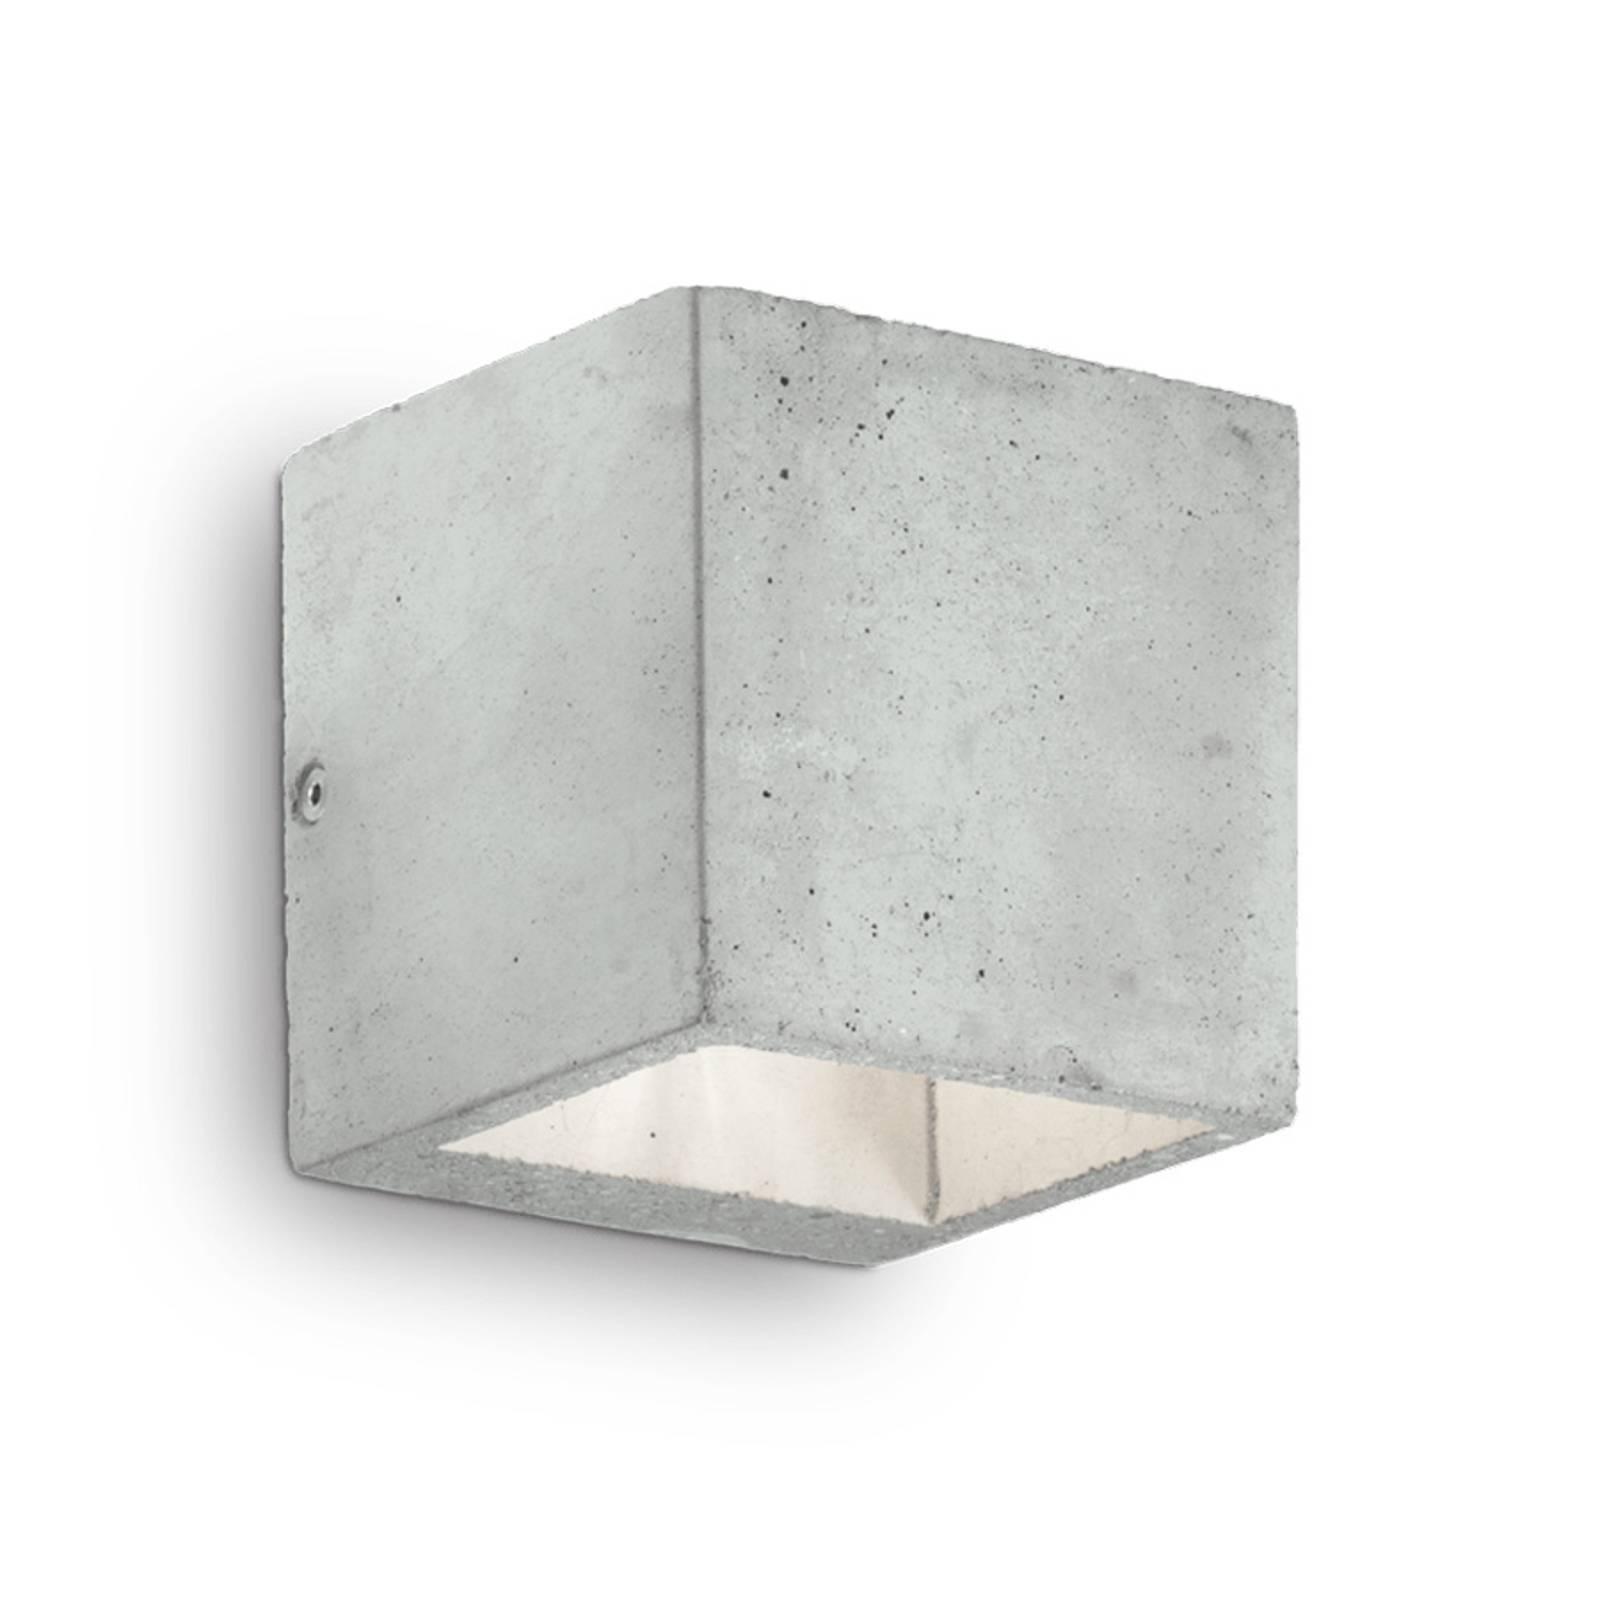 Wandlamp Kool van cement, hoogte 10 cm